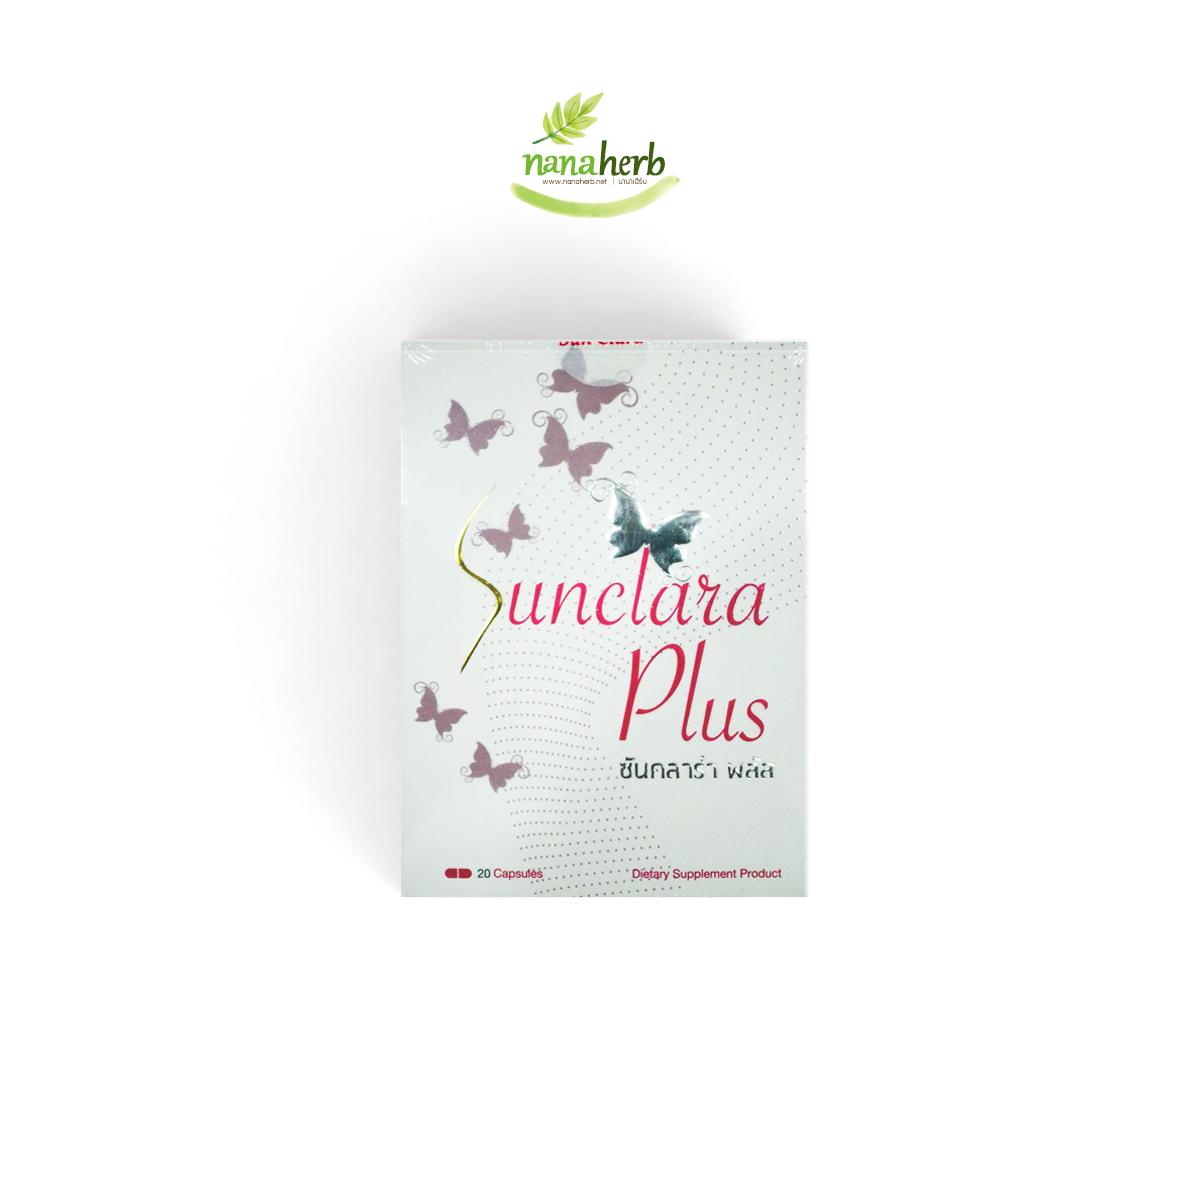 Sunclara Plus (ซันคลาร่า พลัส) อาหารเสริมผู้หญิง